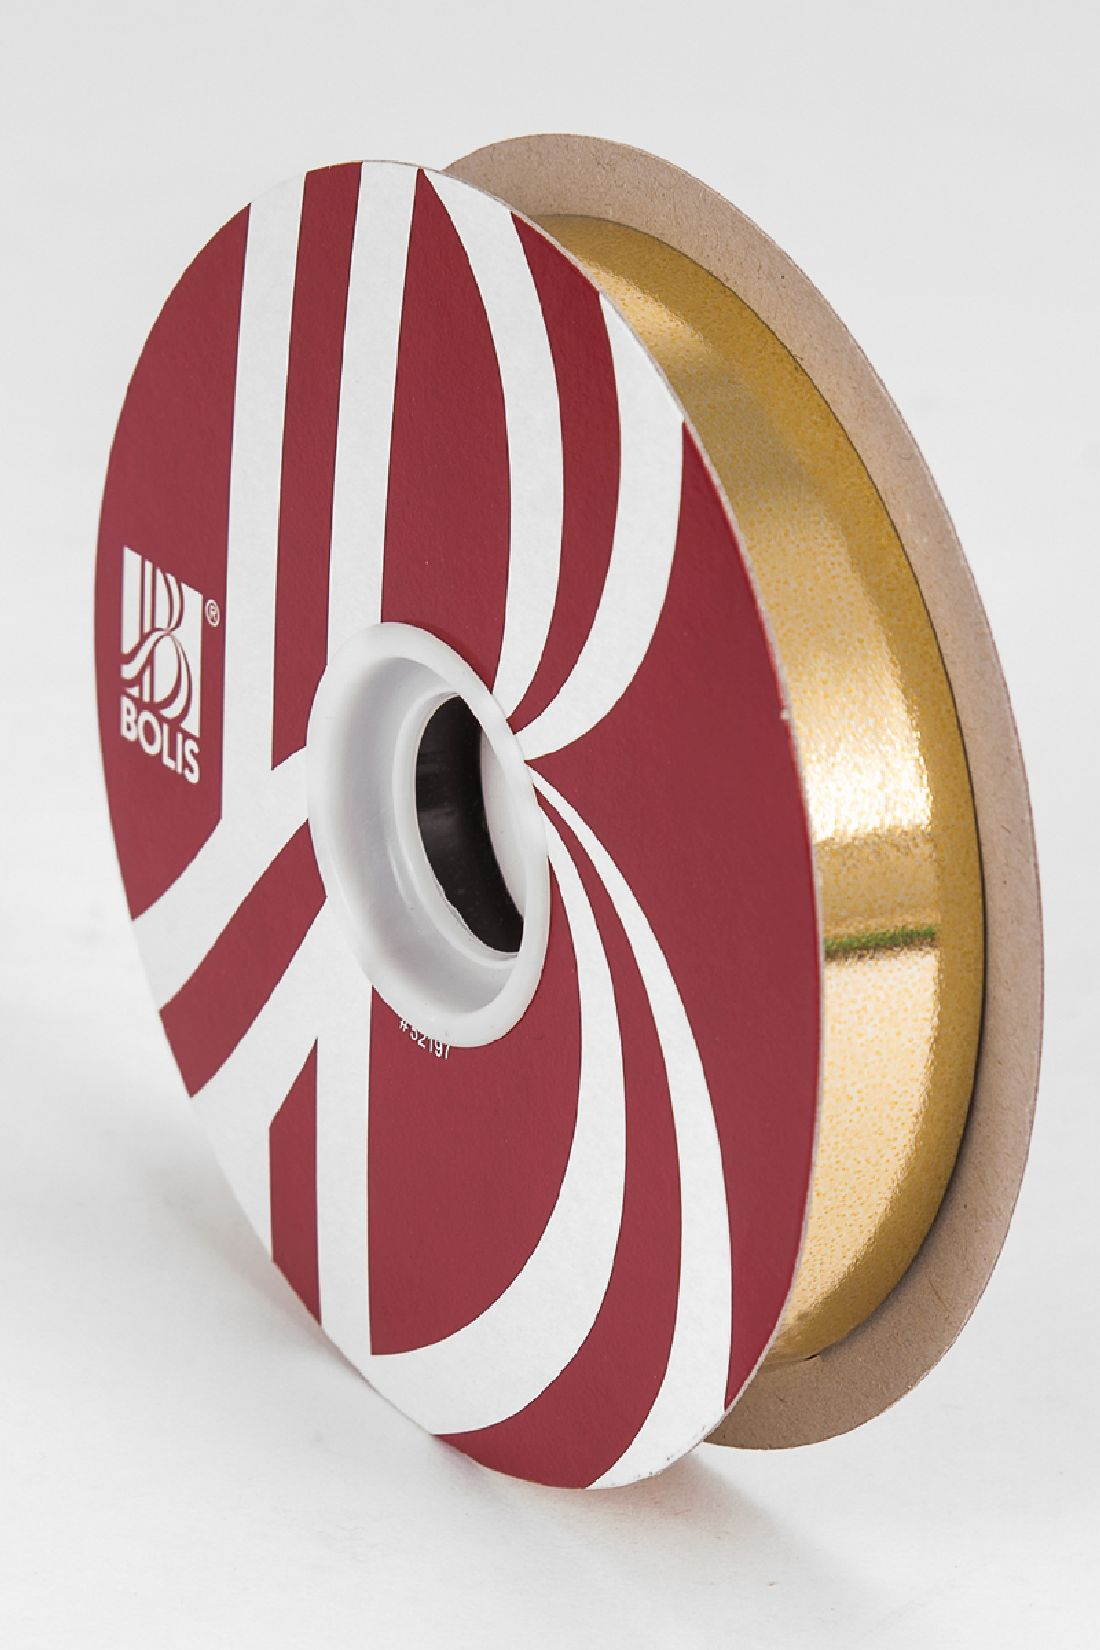 Kräuselband metallic, Ziehband GOLD 02 Geschenkband 19mm 100Meter